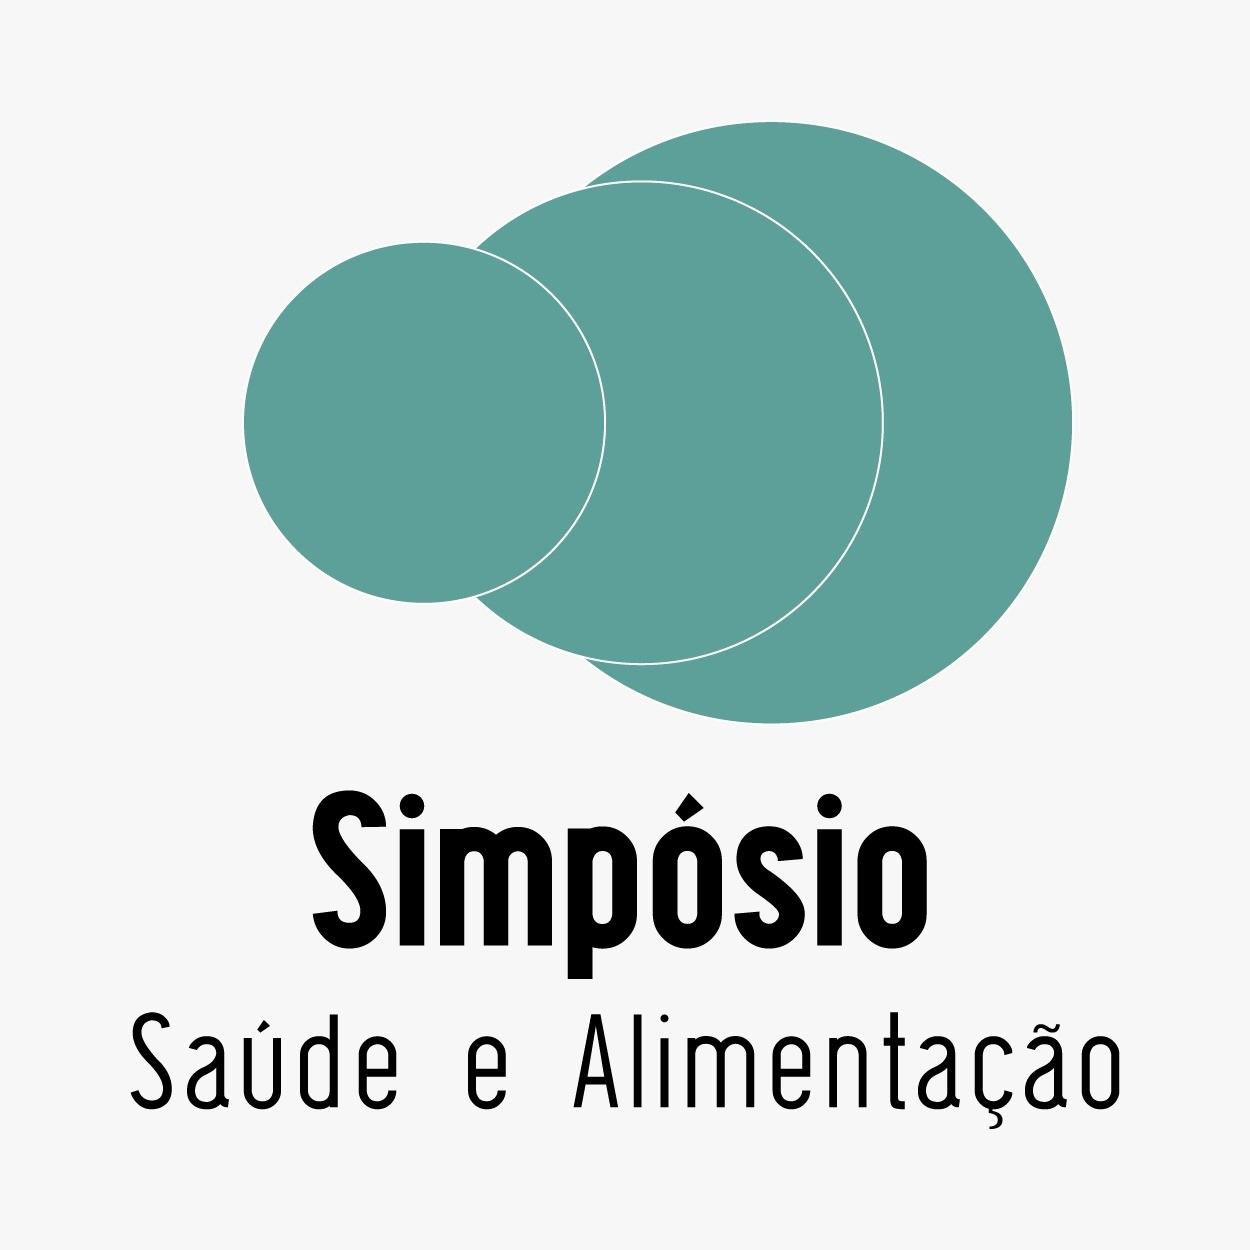 Simpósio em Saúde e Alimentação - ISSN: 2526-9917